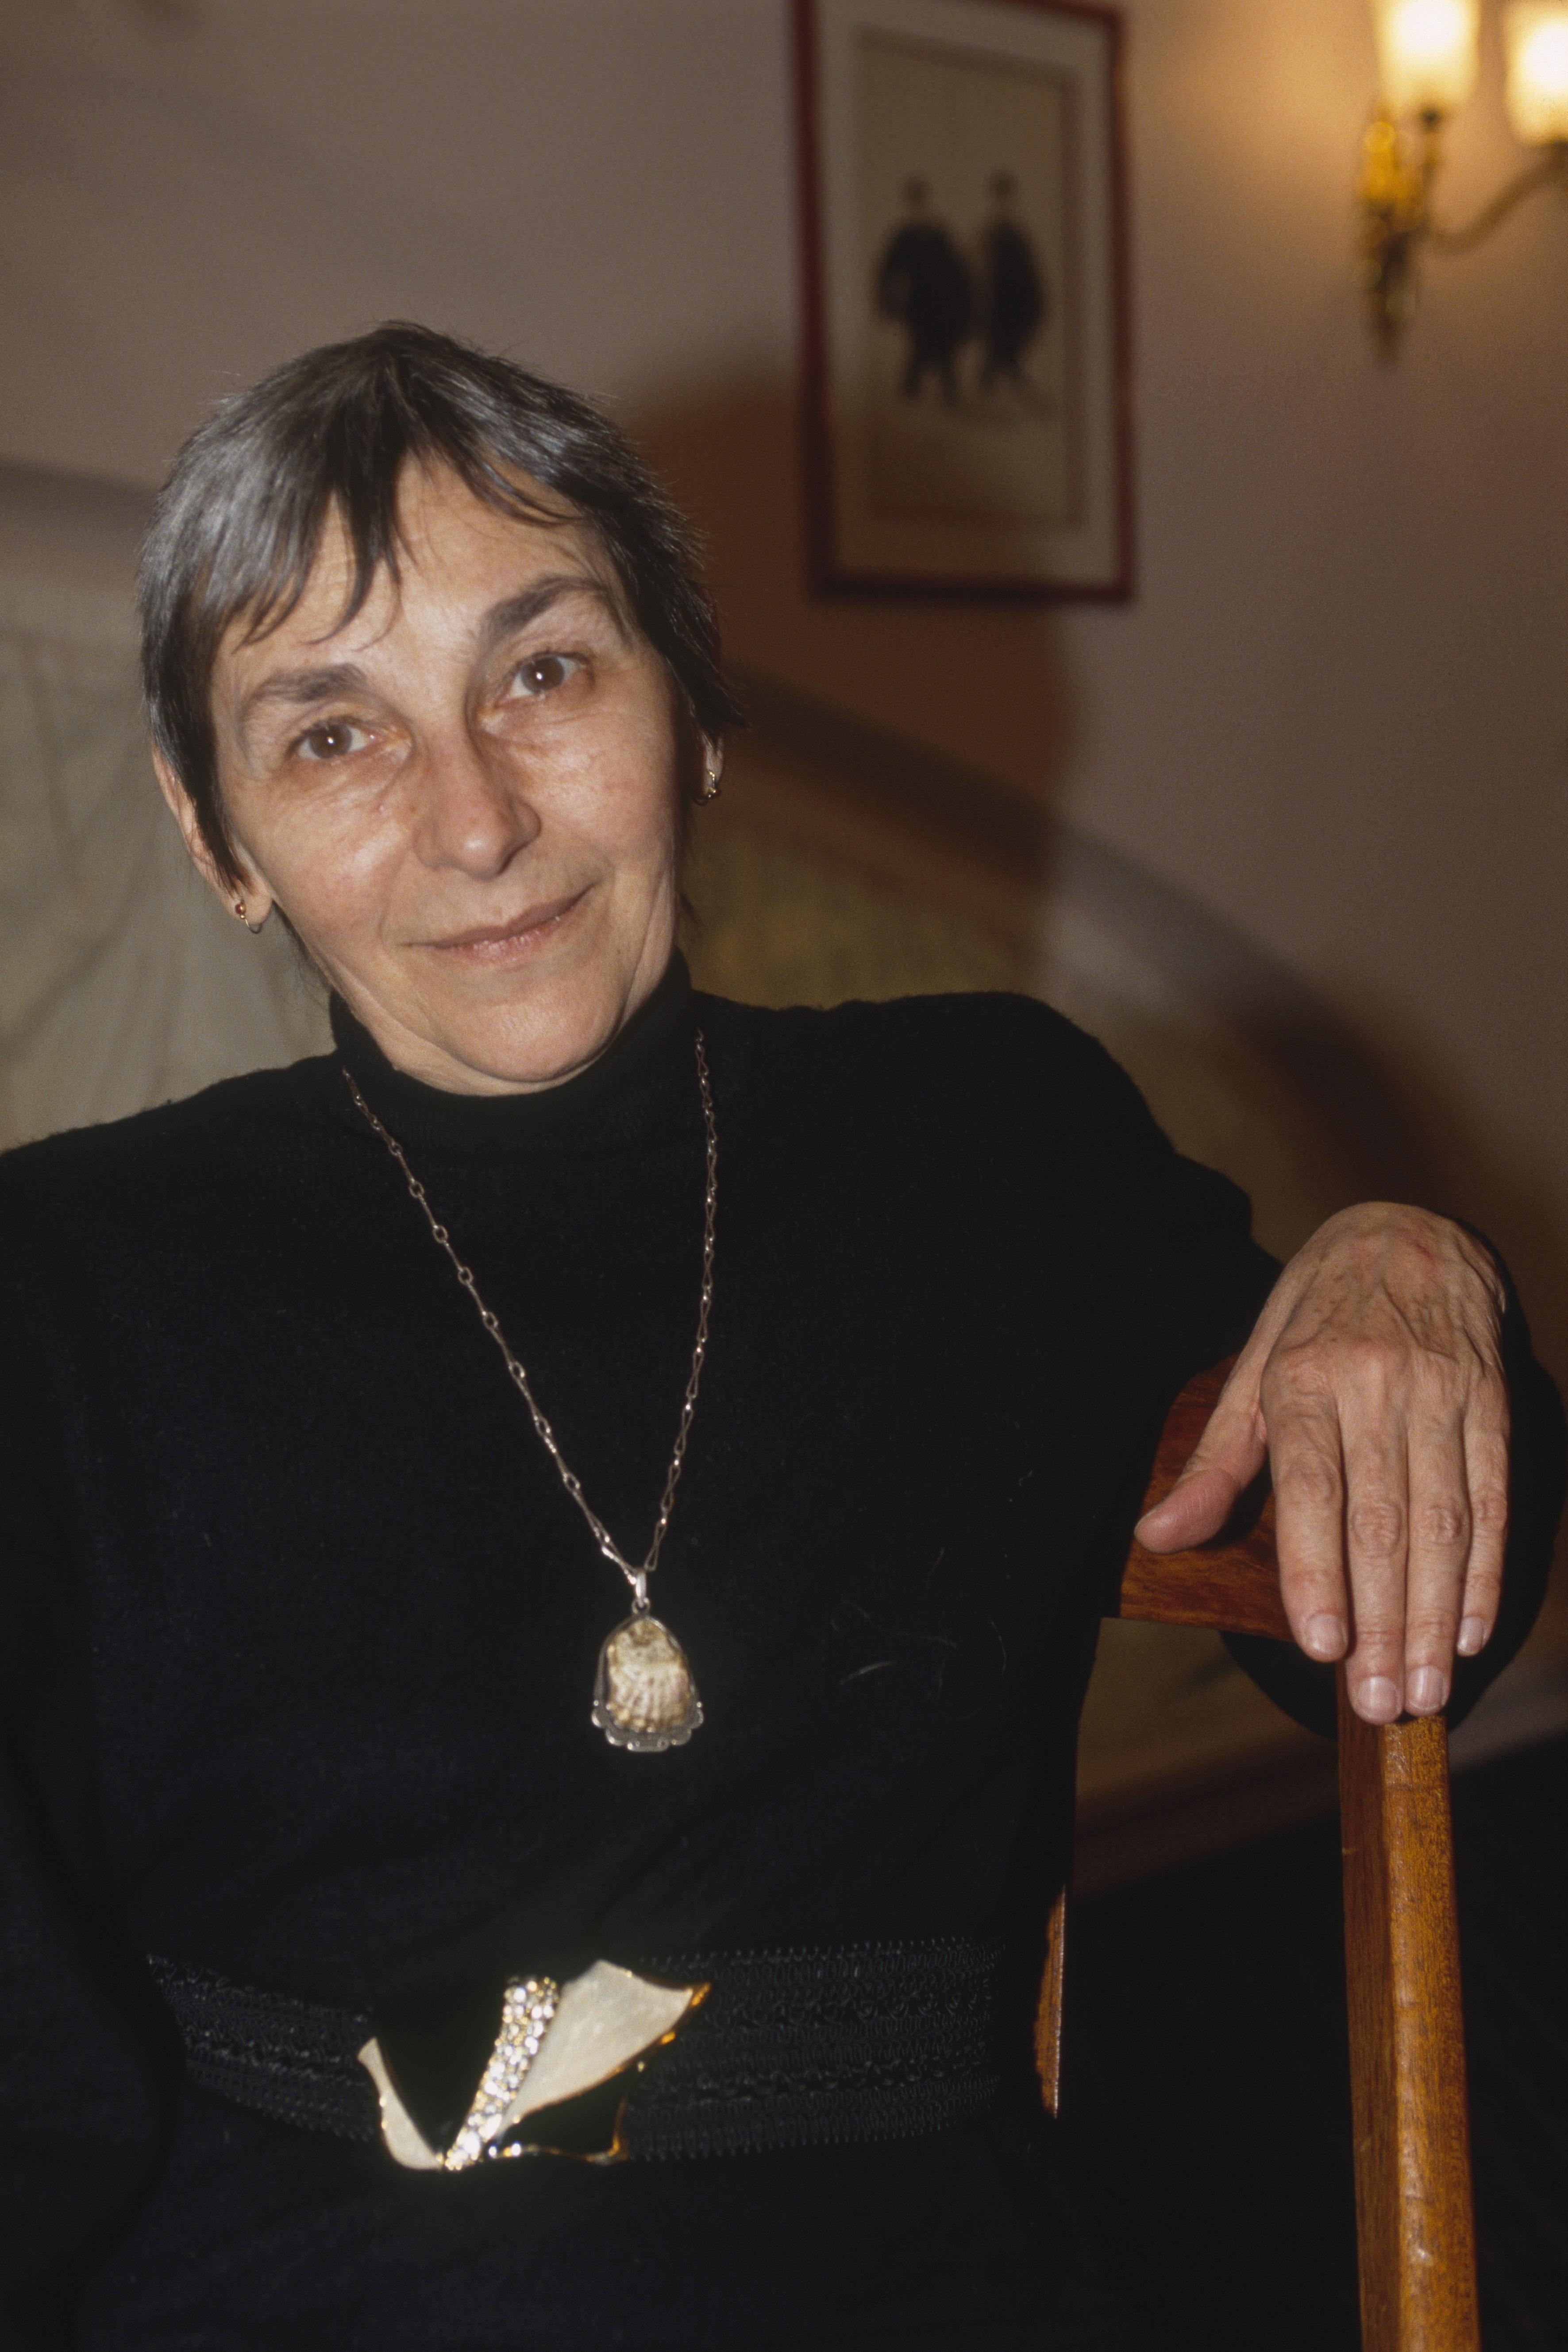 Πέθανε η Ντόινα Κόρνεα, εμβληματική προσωπικότητα της αντίστασης ενάντια στον